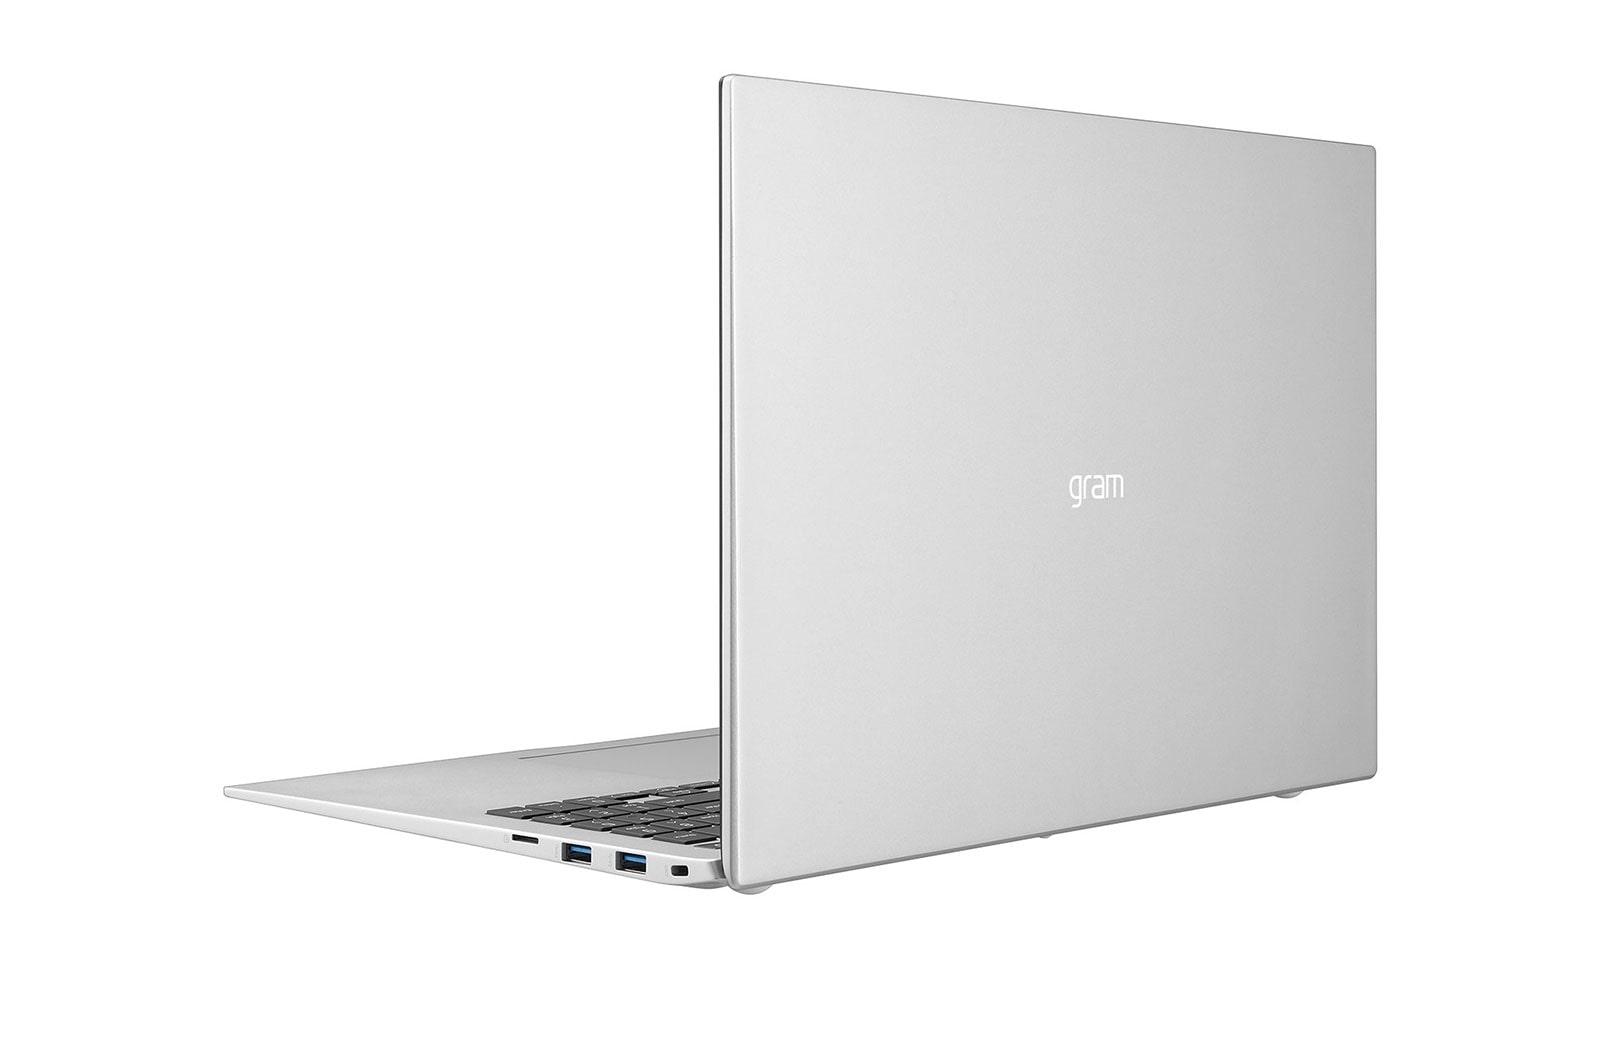 LG Laptop LG gram 16'', Windows 10 Home, Intel® Core™ i7 Gen11, 16GB, 256GB, 16:10, Hình từ phía sau +30 độ và dựng màn, 16Z90P-G.AH73A5